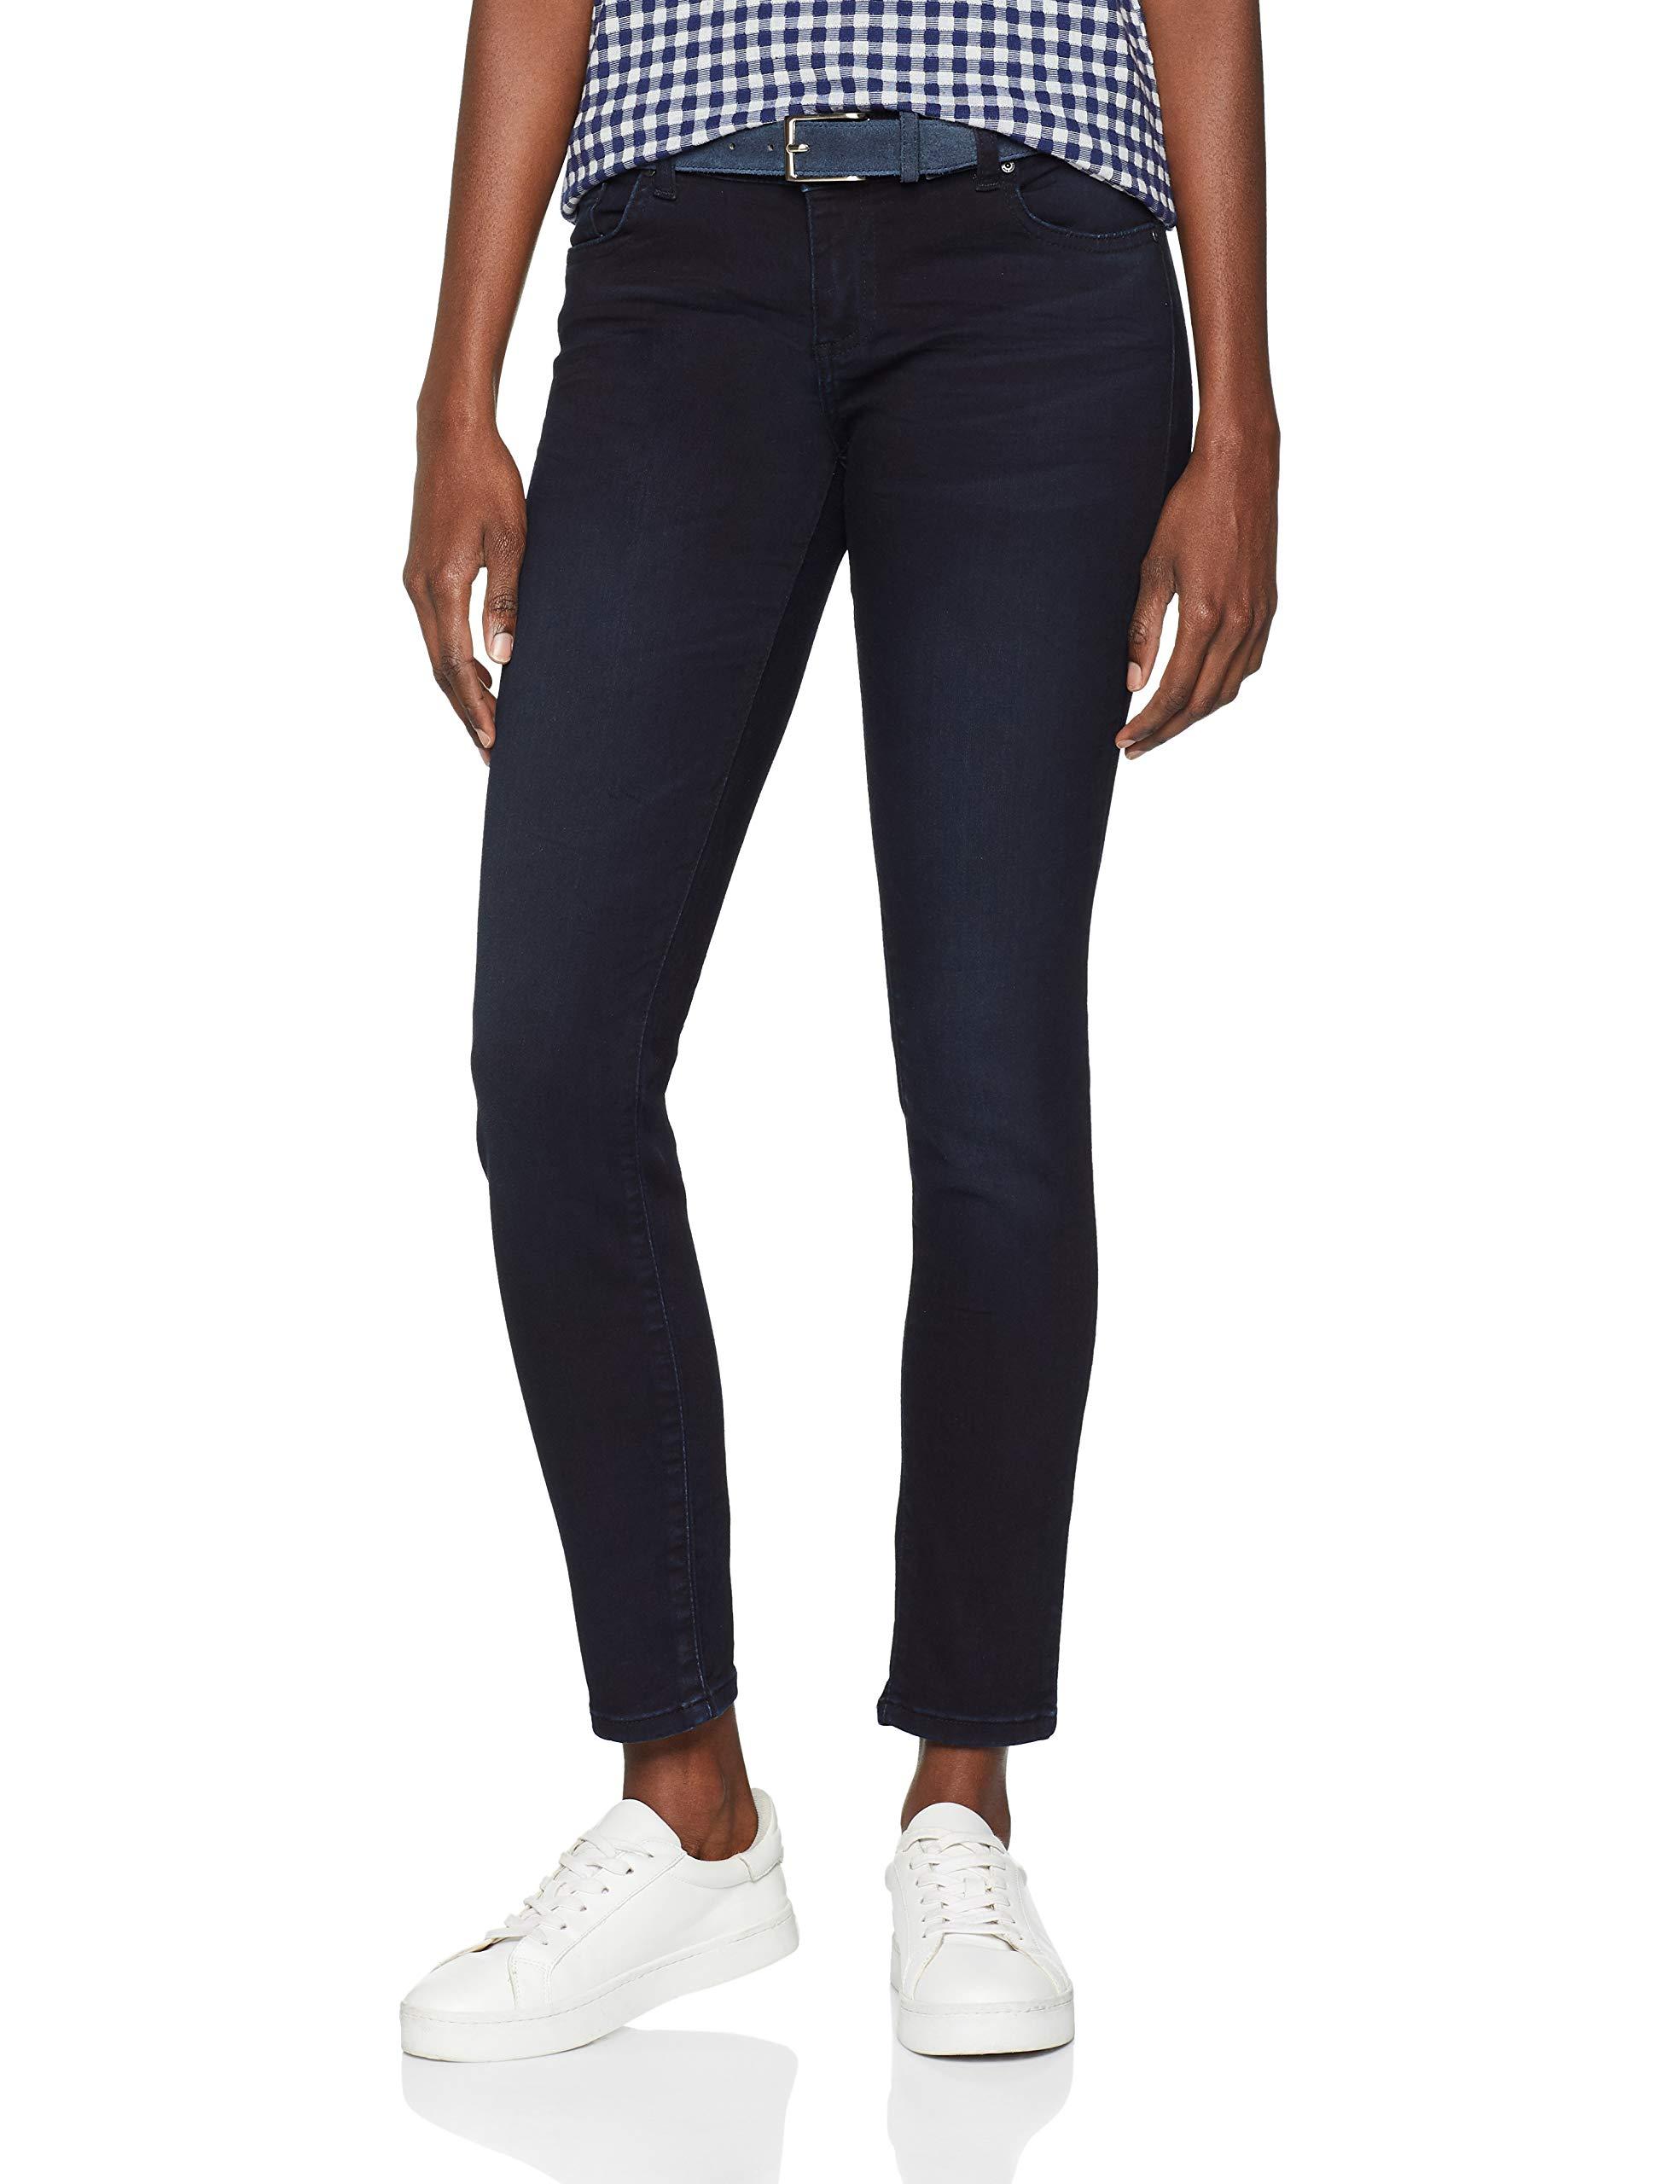 Wash Jeans MinaJean 5127231 Ltb SlimFemme Bleuparvin lKF1Jc